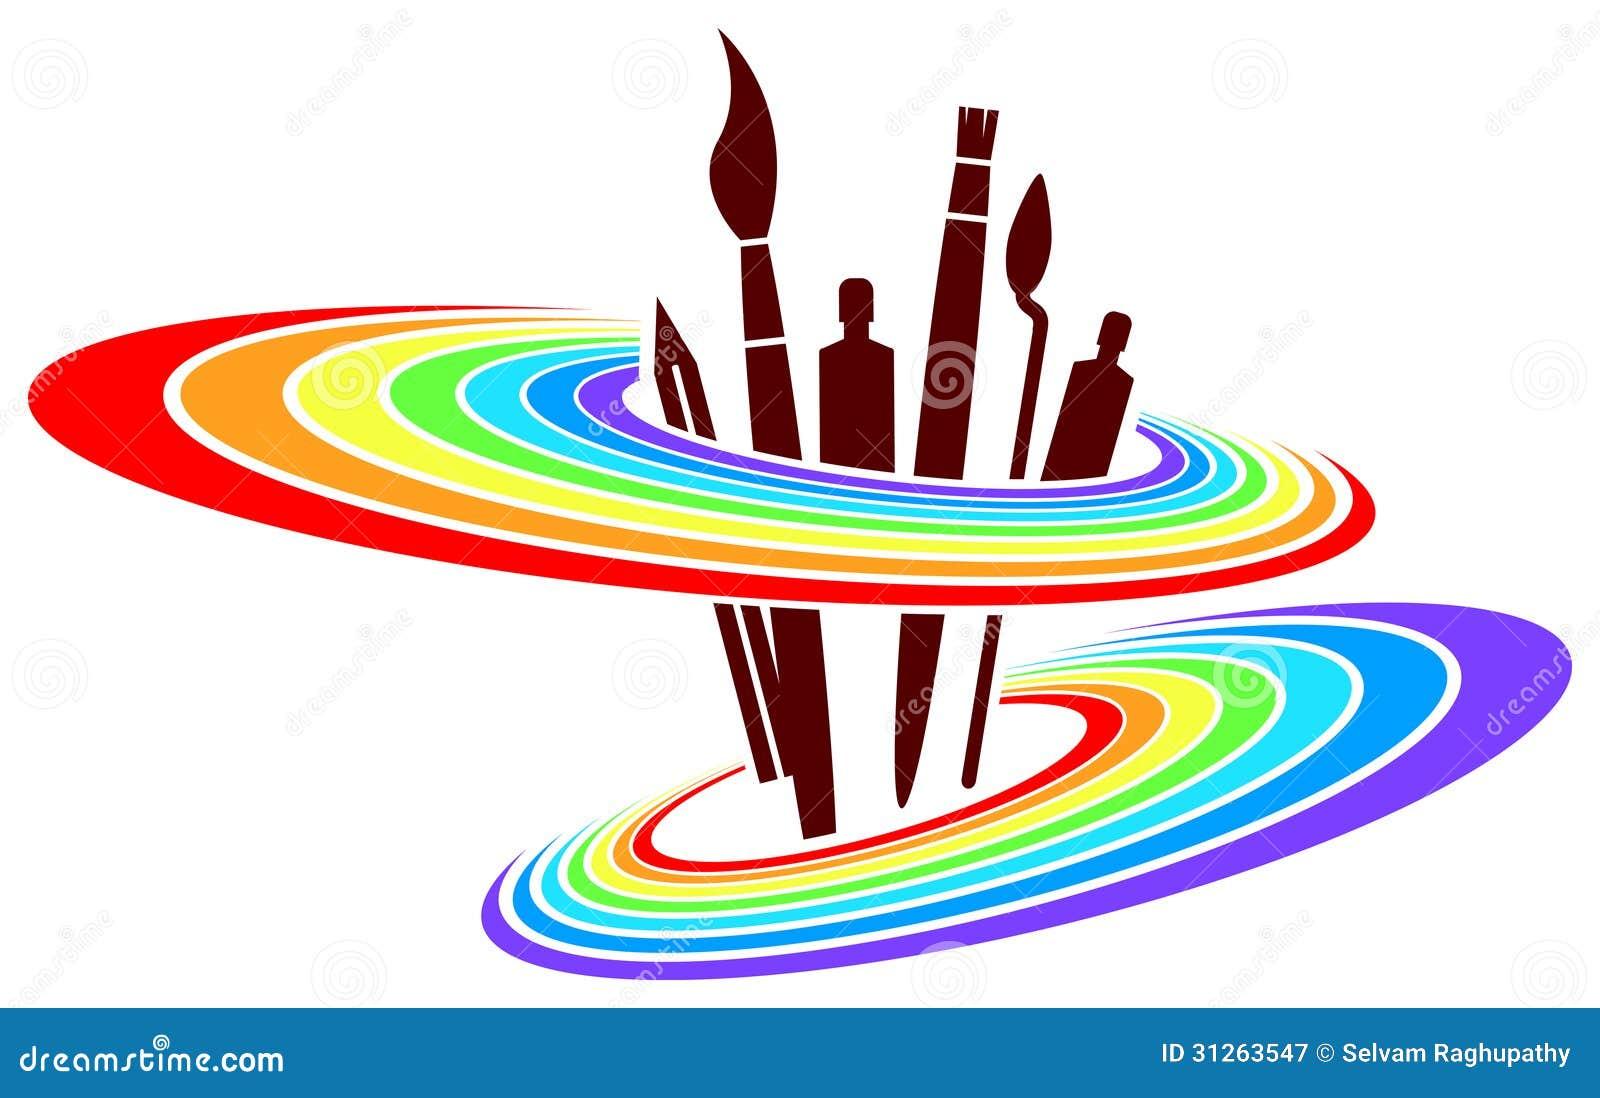 Diseño del logotipo de la pintura